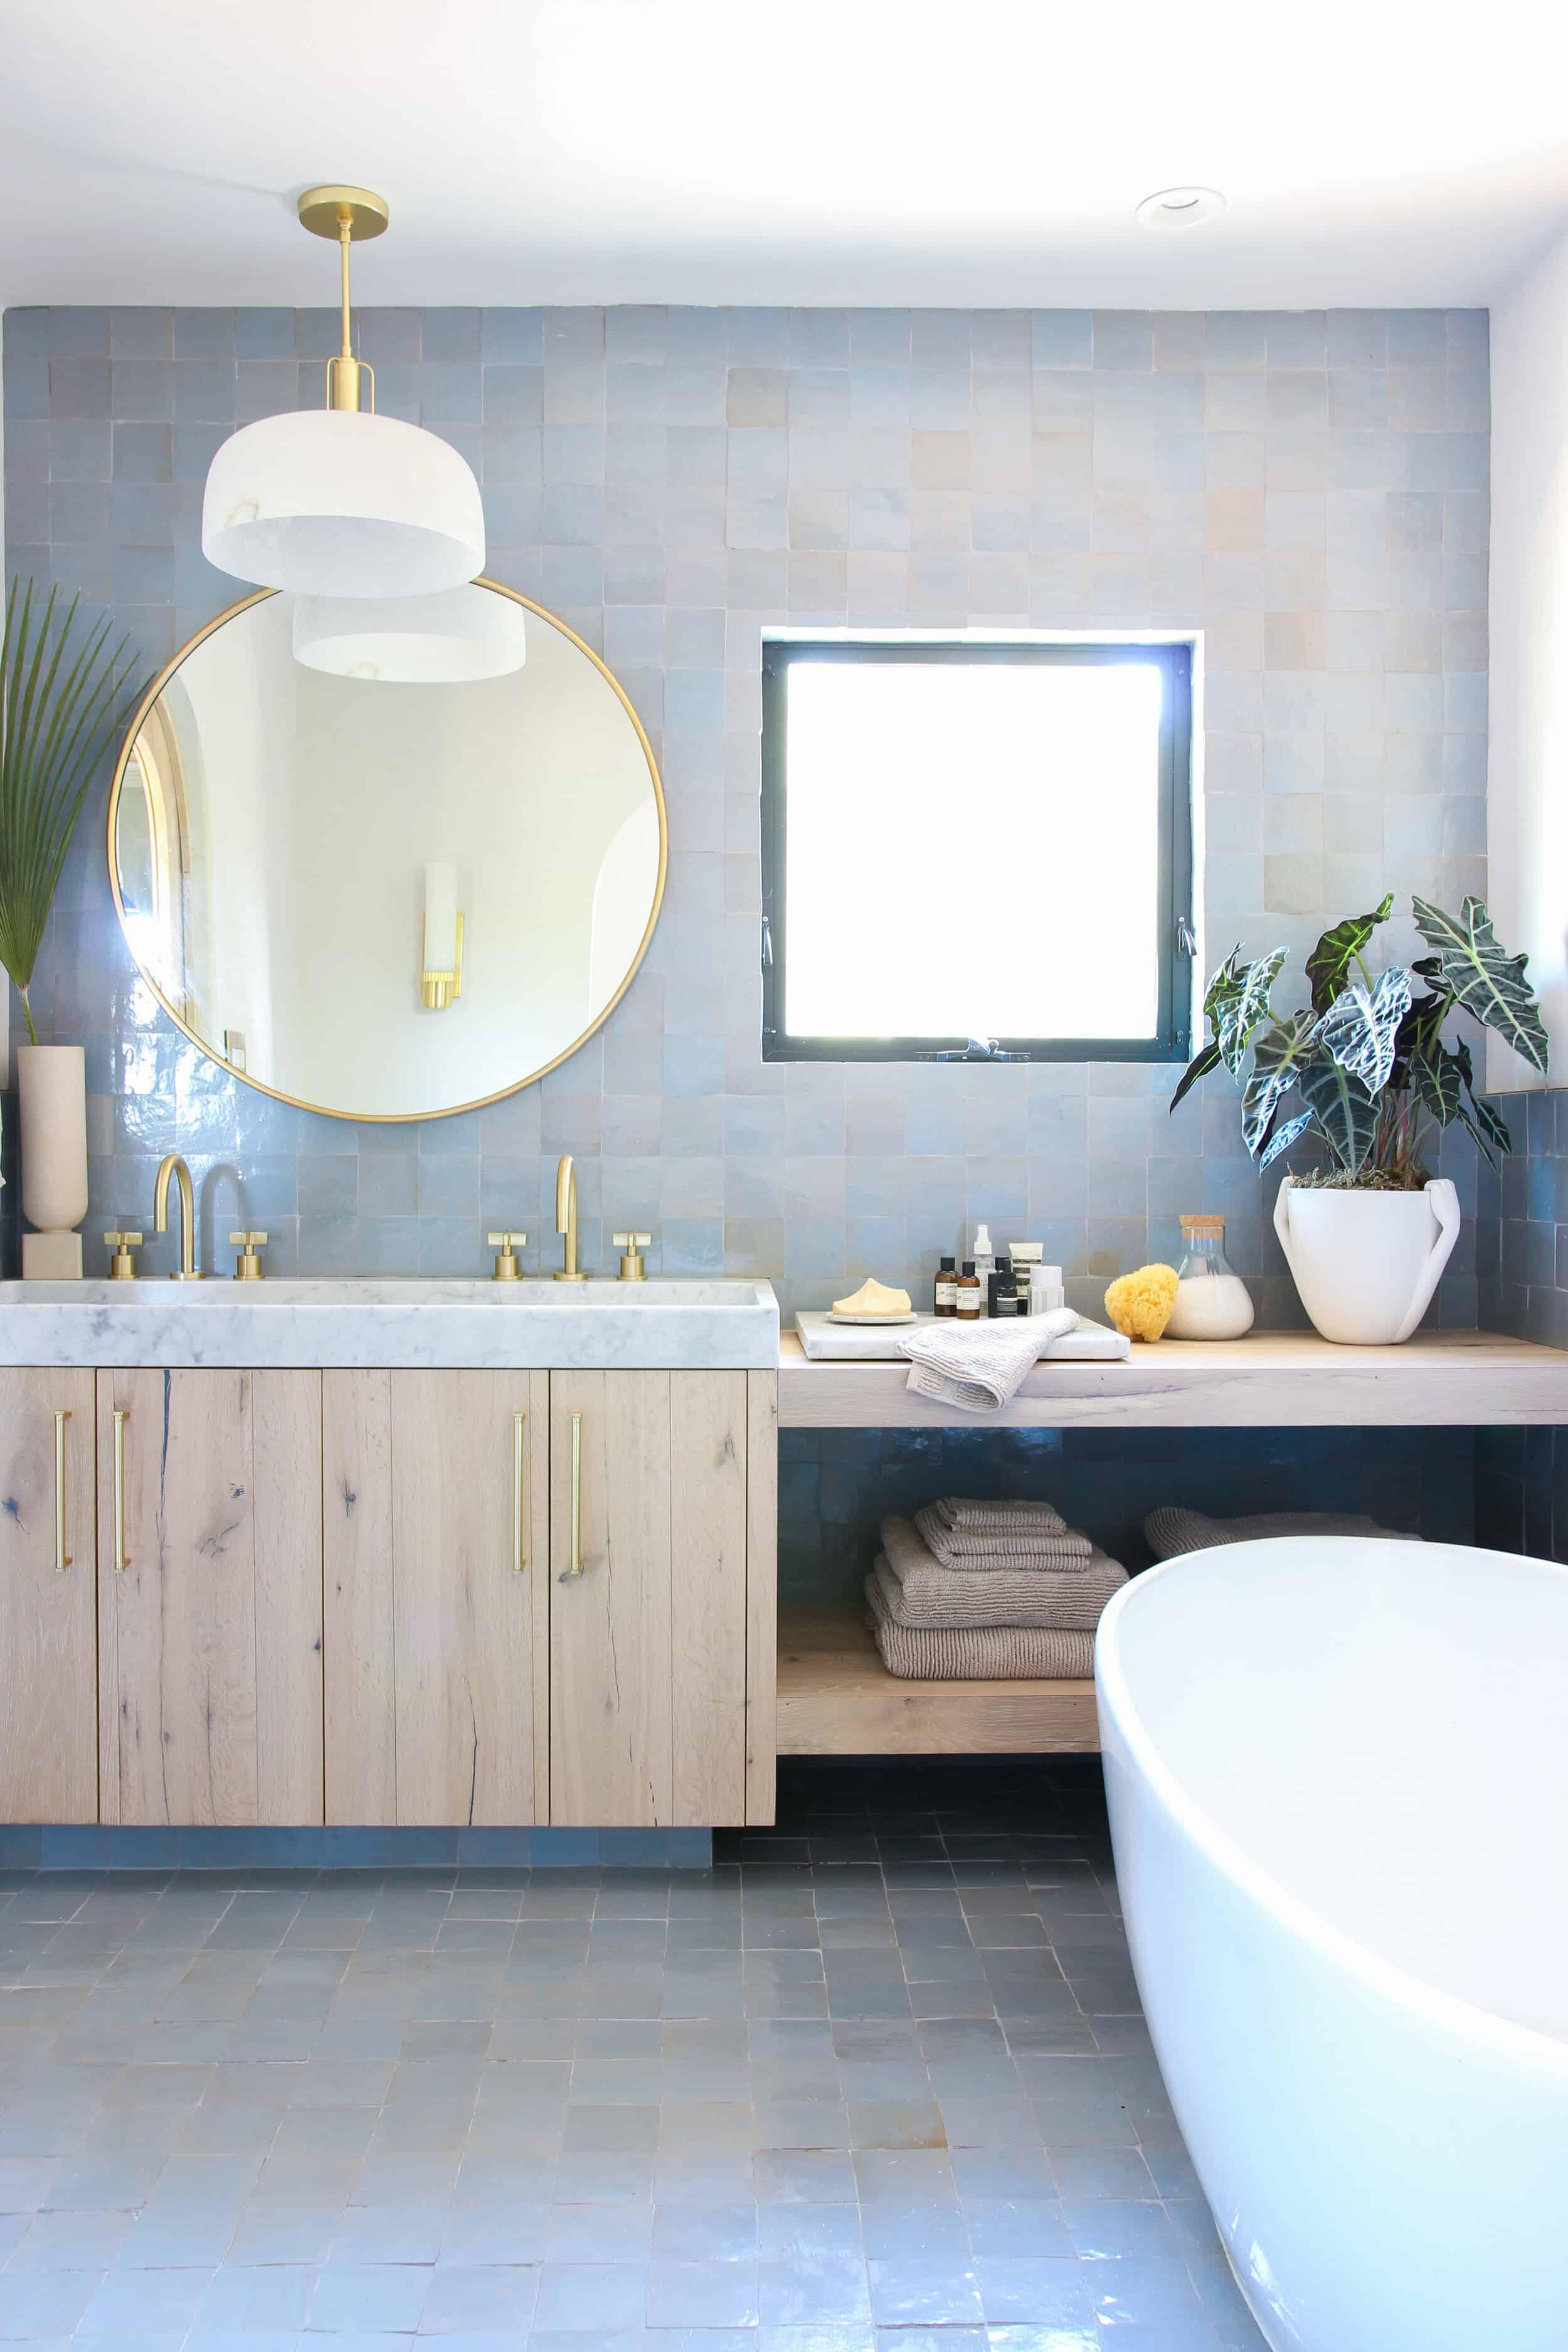 Emilyhenderson Thoughtstarter Hommeboys Oneroomchallenge Reveal Masterbedroombathroom 3 1